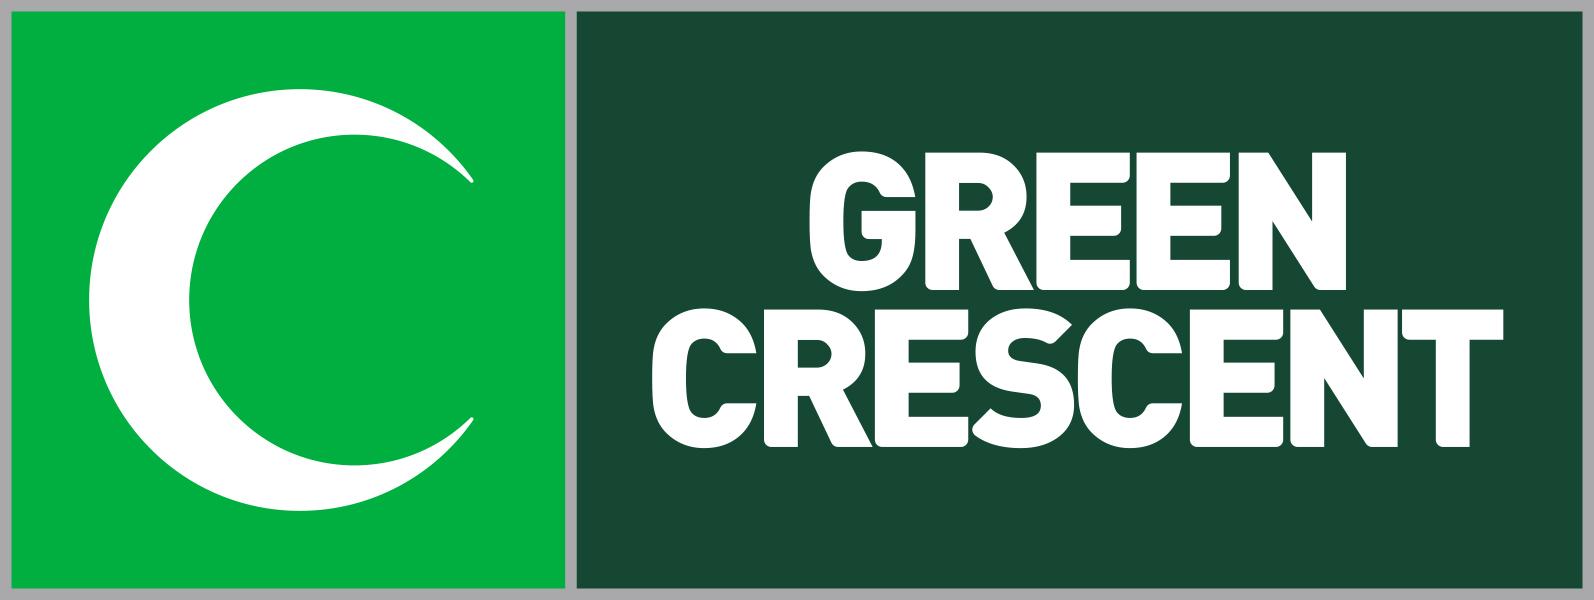 yesilay-ingilizce-logo-yatay-green-crescent-yesil